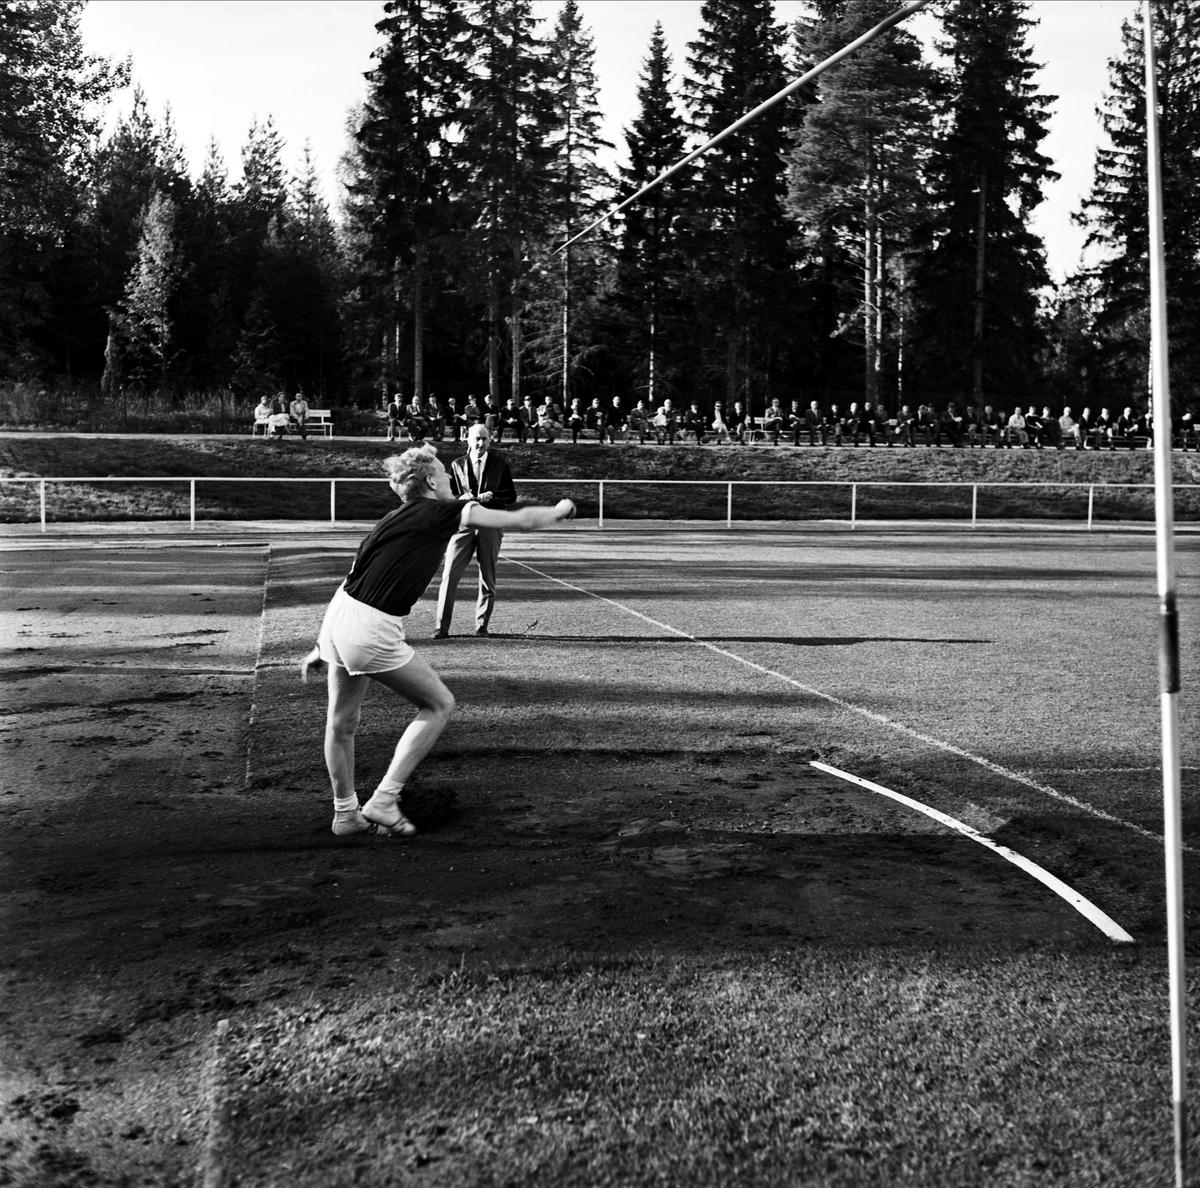 Återinvigning av Vegavallen, spjutkastning, Tierp, Uppland 1967